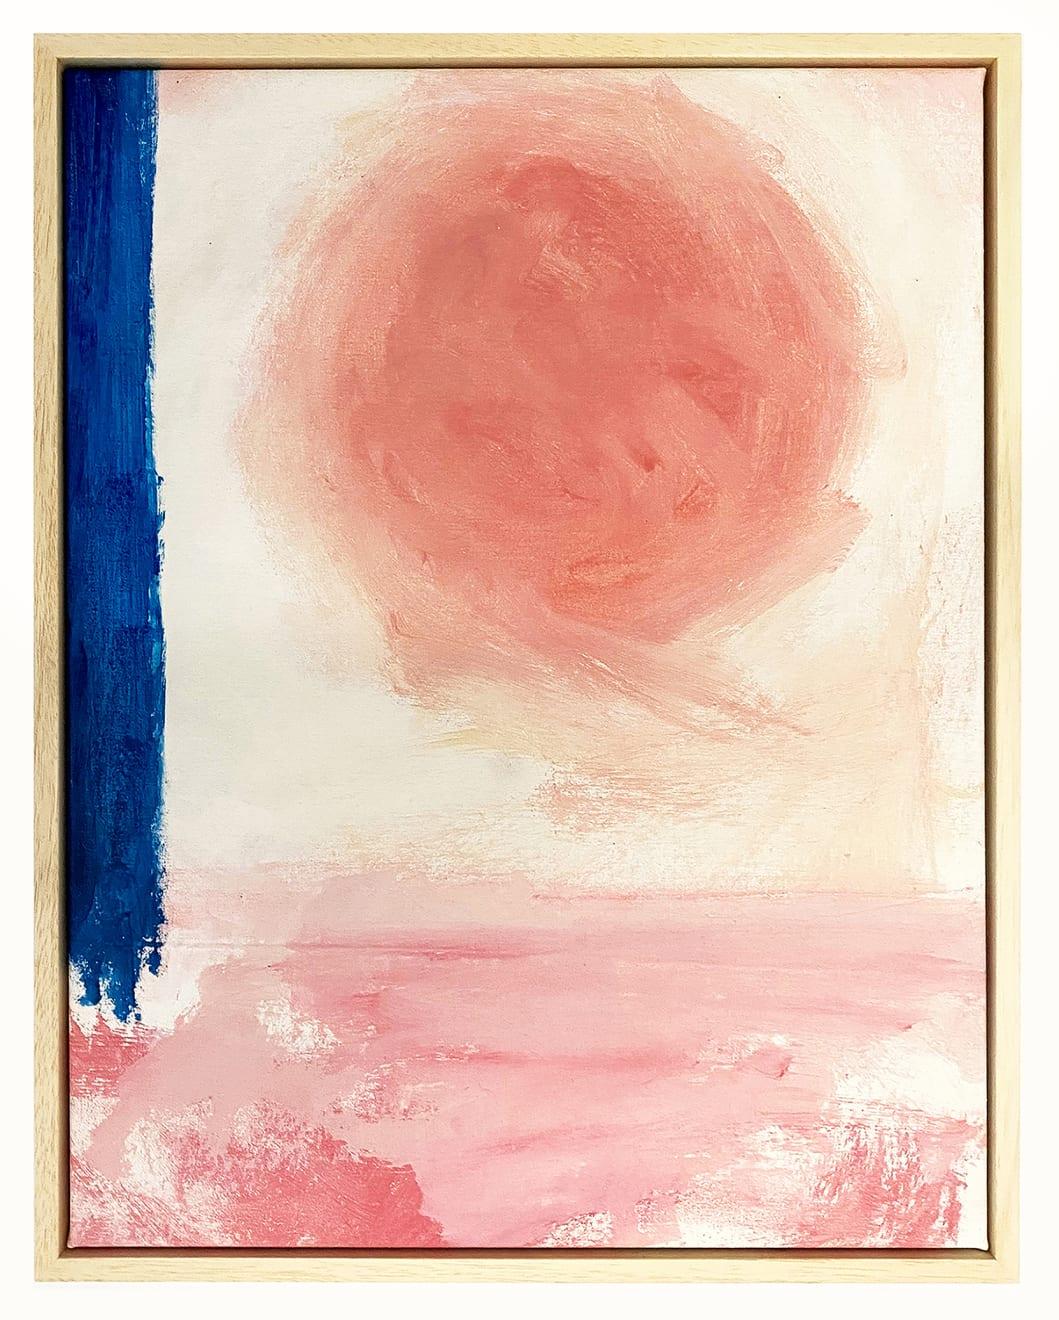 Caroline Popham, Sunshine State Of Mind, 2020